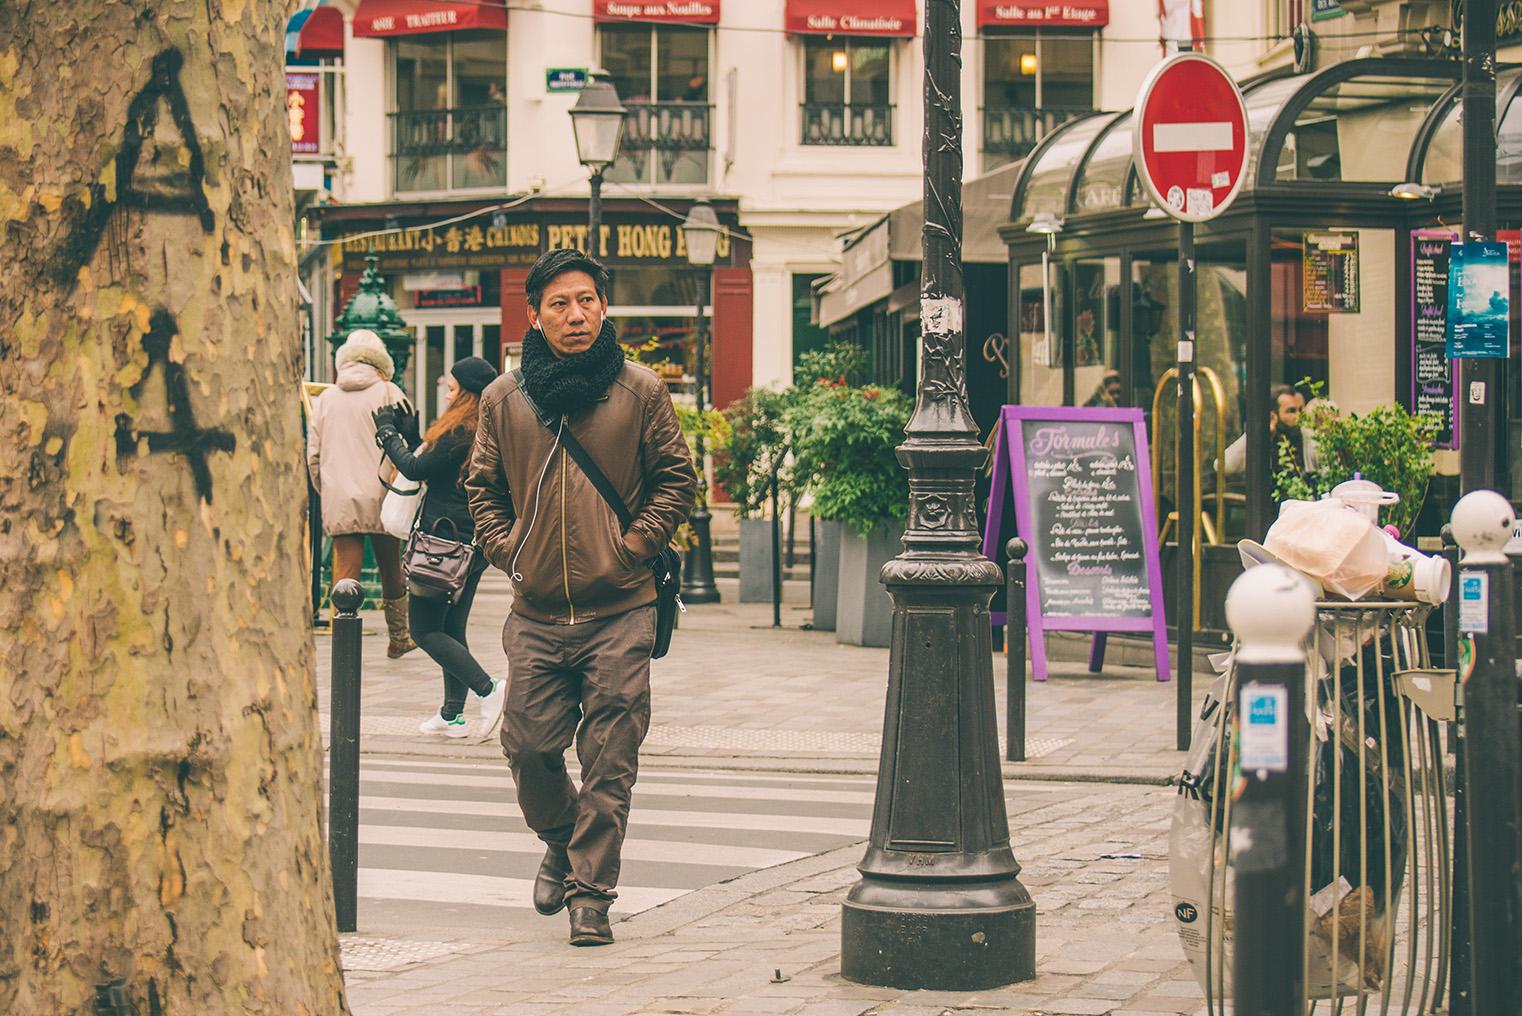 26.Wiosna w Paryzu na 30 urodziny